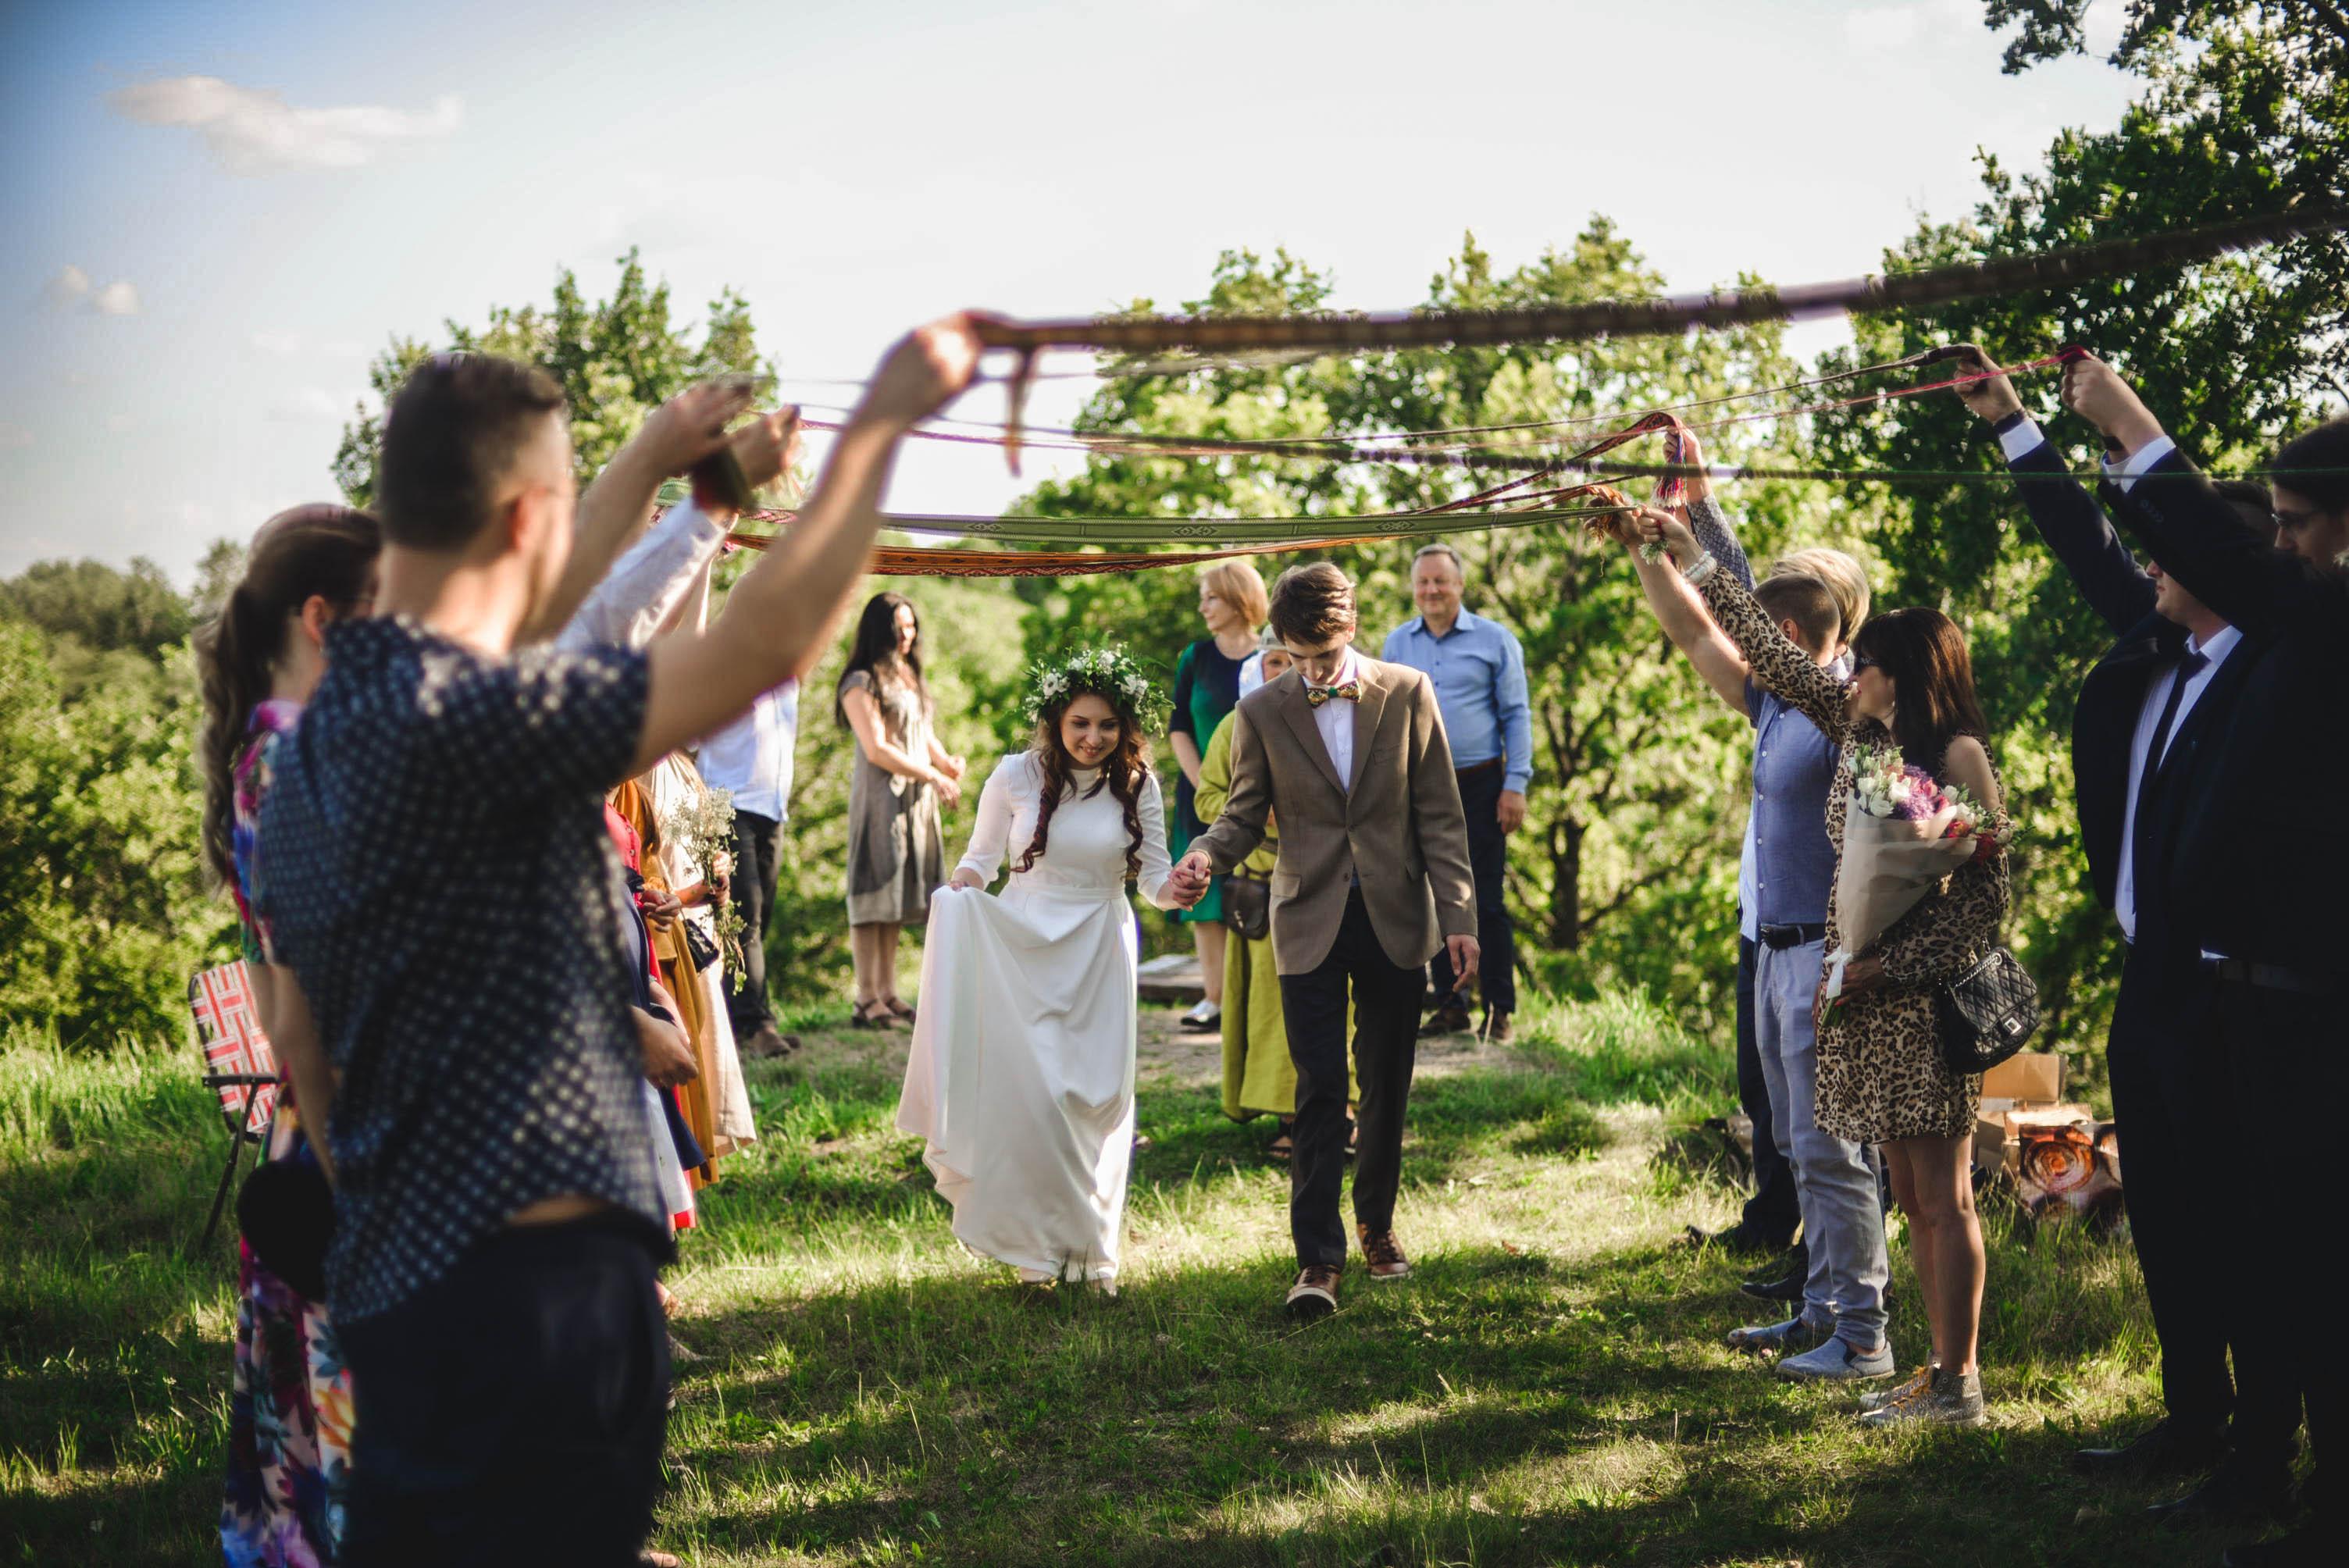 Kėdainietės Rusnės Ivaškevičiūtės- Povilaitienės jungtuvės vyko ant Bakainių piliakalnio, o į tuoktuvių ceremoniją buvo įtraukti ir vestuvių svečiai | Asmeninio archyvo nuotr.